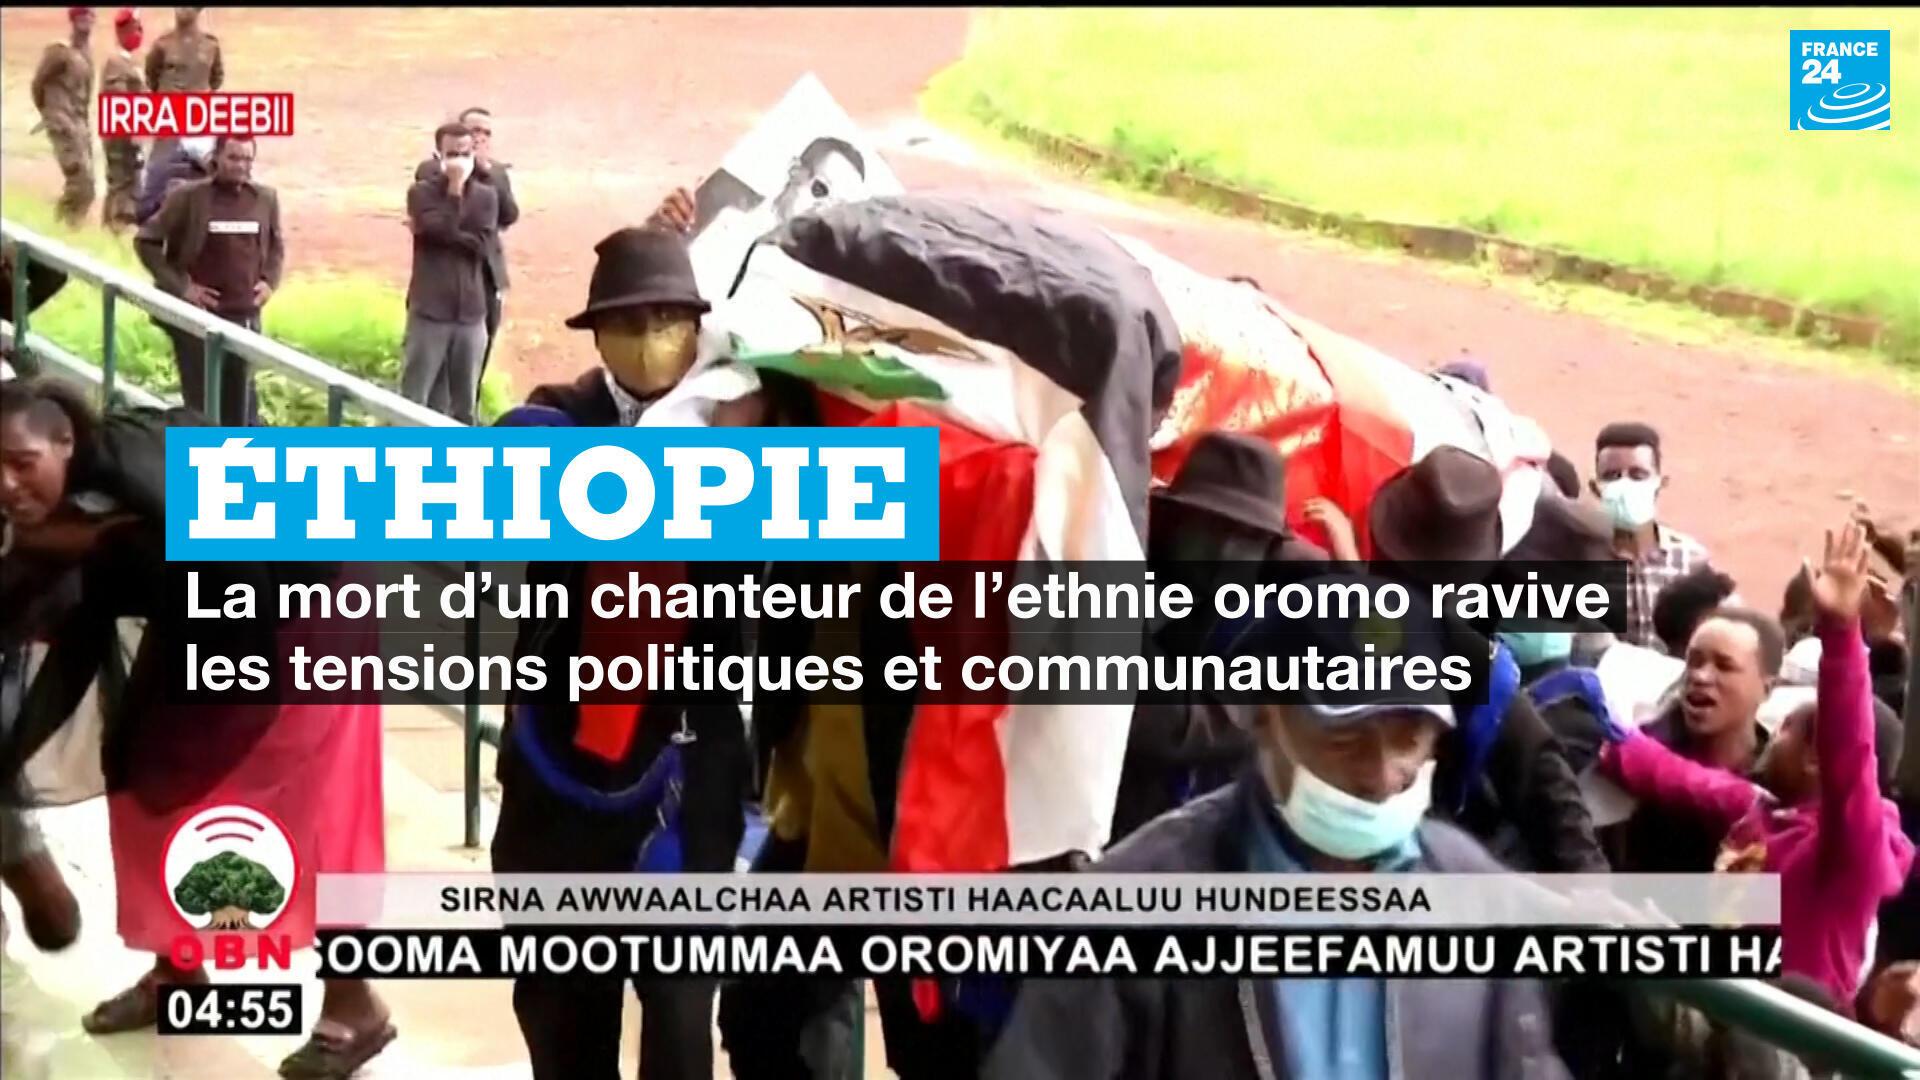 La mort d'un chanteur oromo suscite la colère de la commanauté.